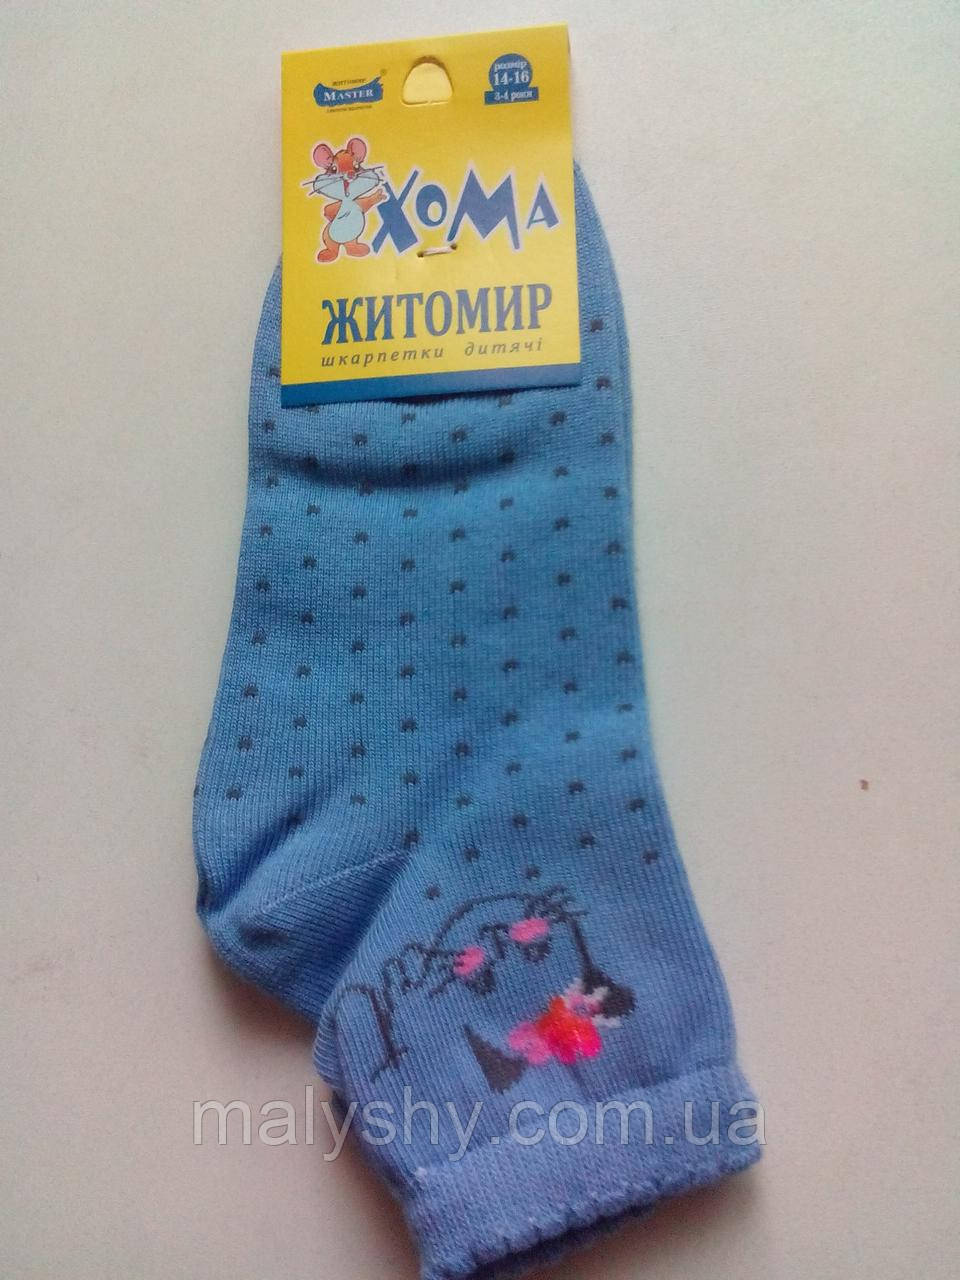 Детские носки демисезонные ХОМА ЖИТОМИР р.14-16 КОШКА-голубой /шкарпетки дитячі демісезонні, носочки